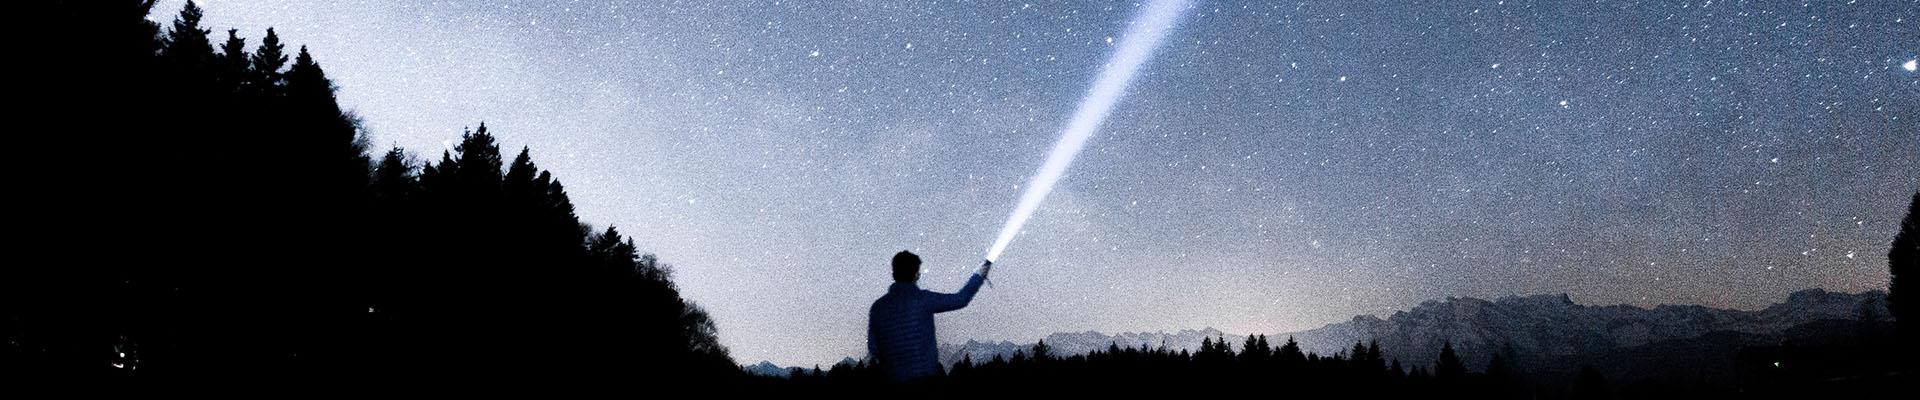 flashlights scenario